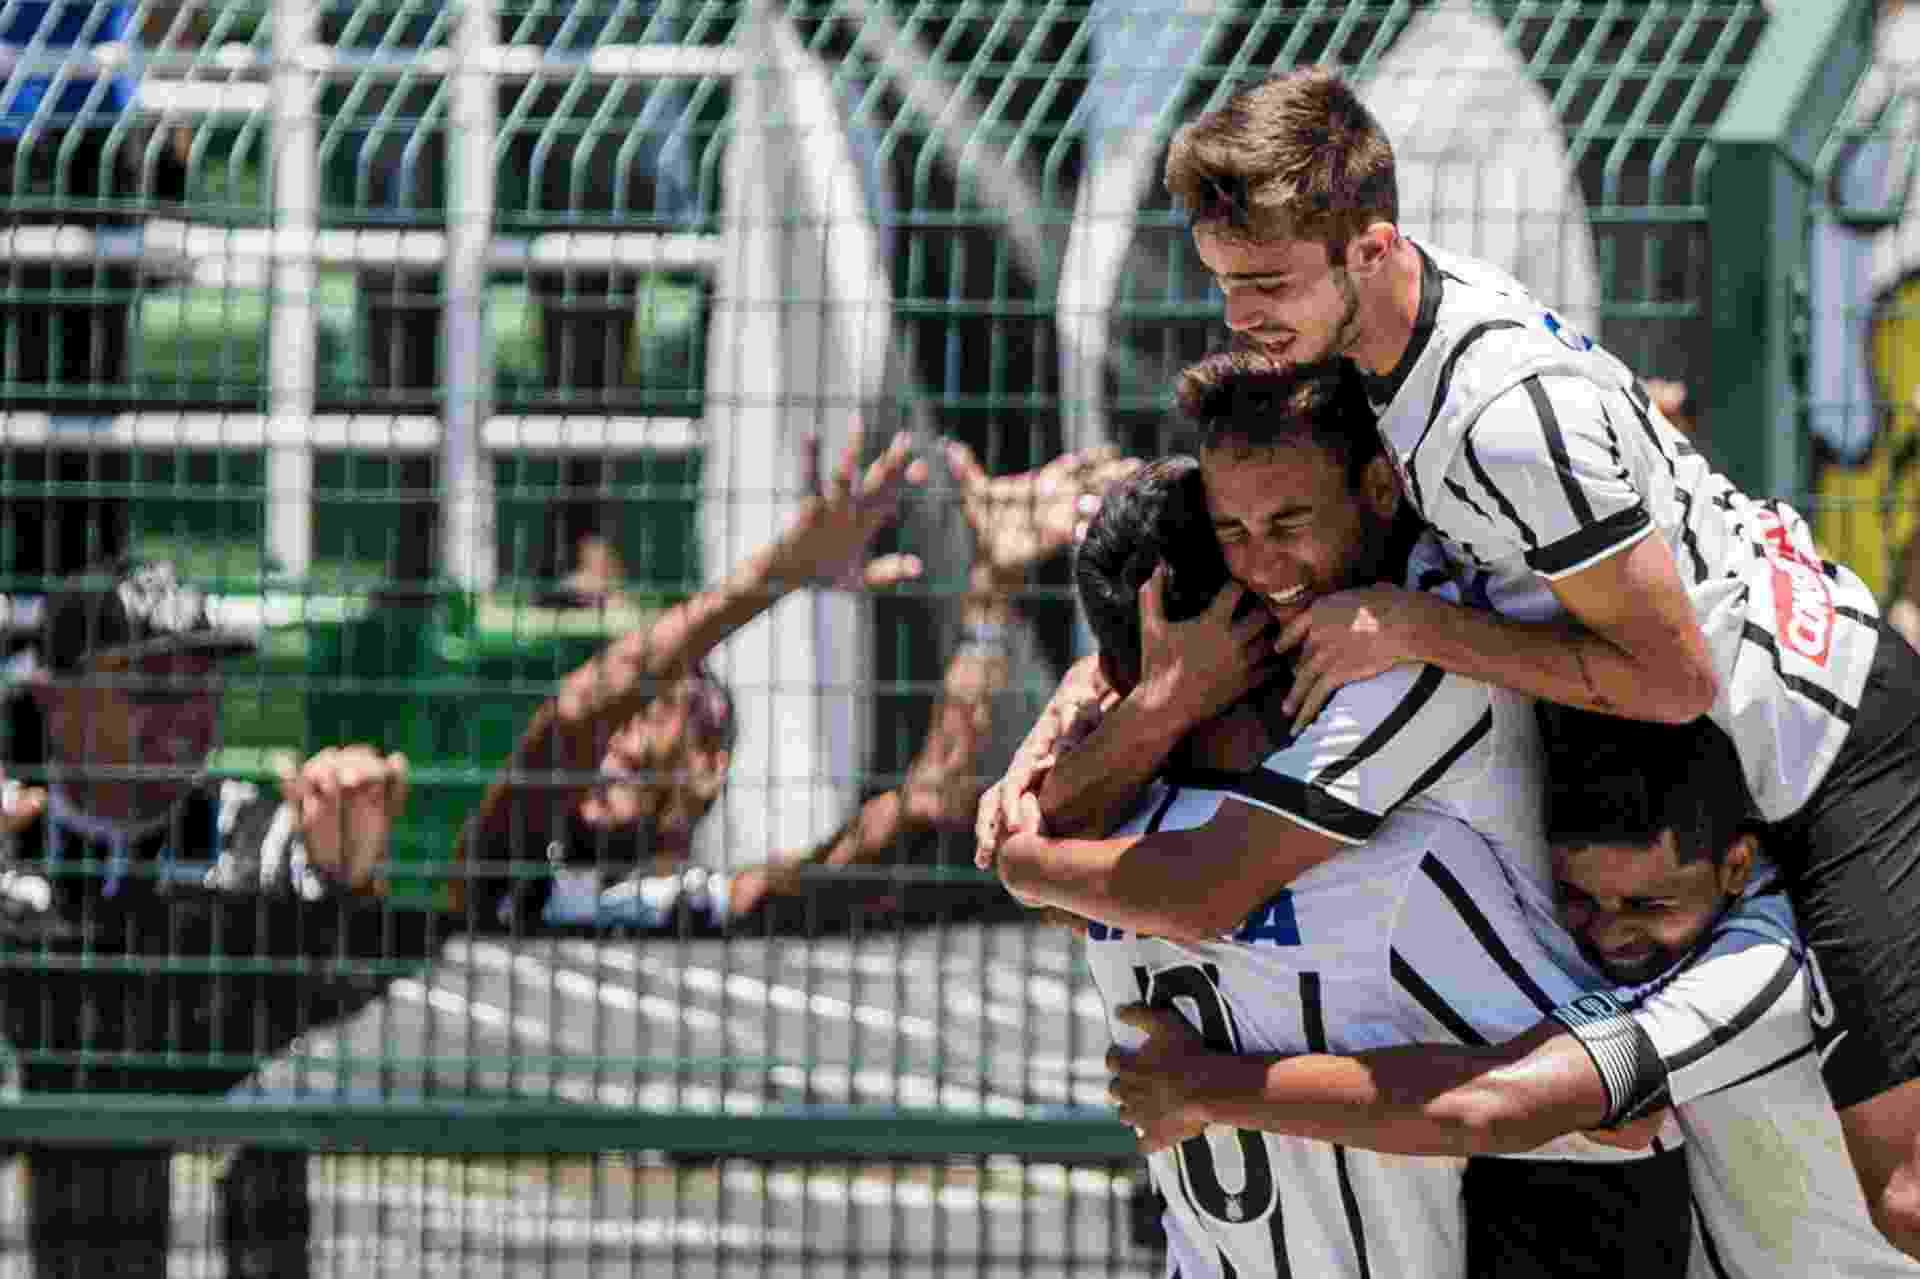 Jogadores do Corinthians comemoram o gol de Maycon na final da Copa São Paulo de Juniores. O clube alvinegro foi campeão após bater o Botafogo-SP por 1 a 0 - Adriano Vizoni/Folhapress